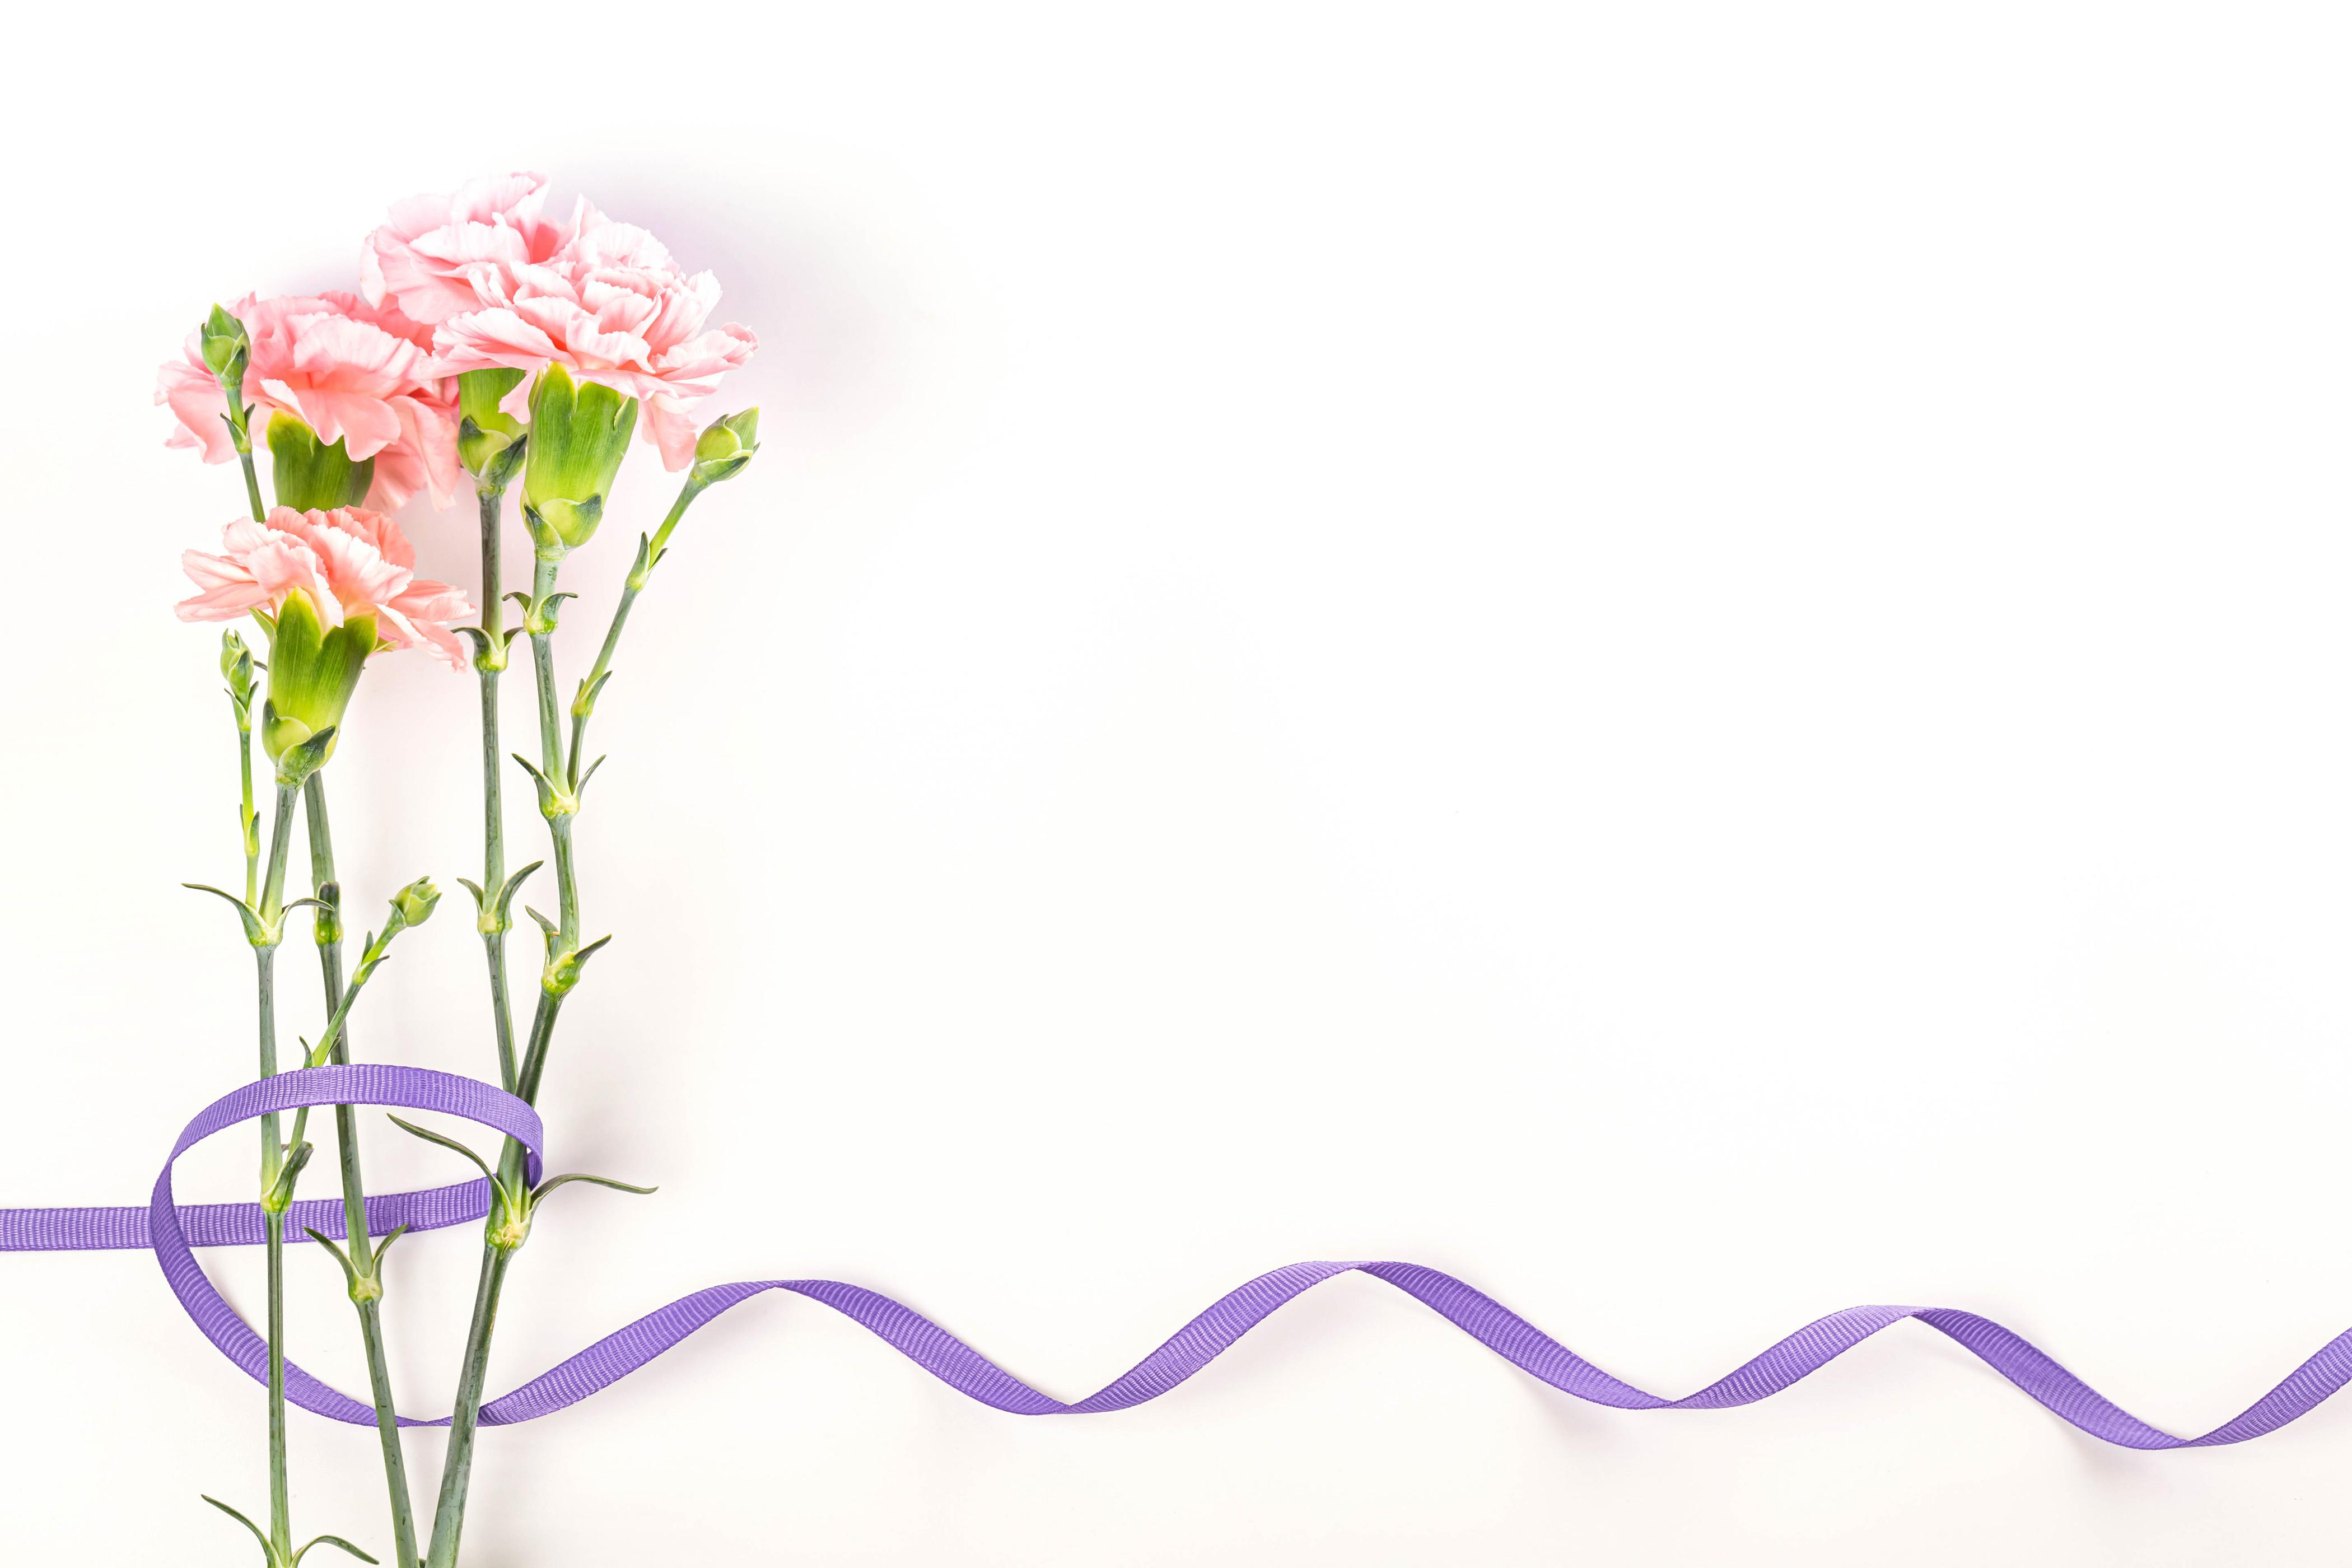 Bilder Blomster nellikslekta Bånd Gratulasjonskort Mal Hvit bakgrunn blomst Nelliker